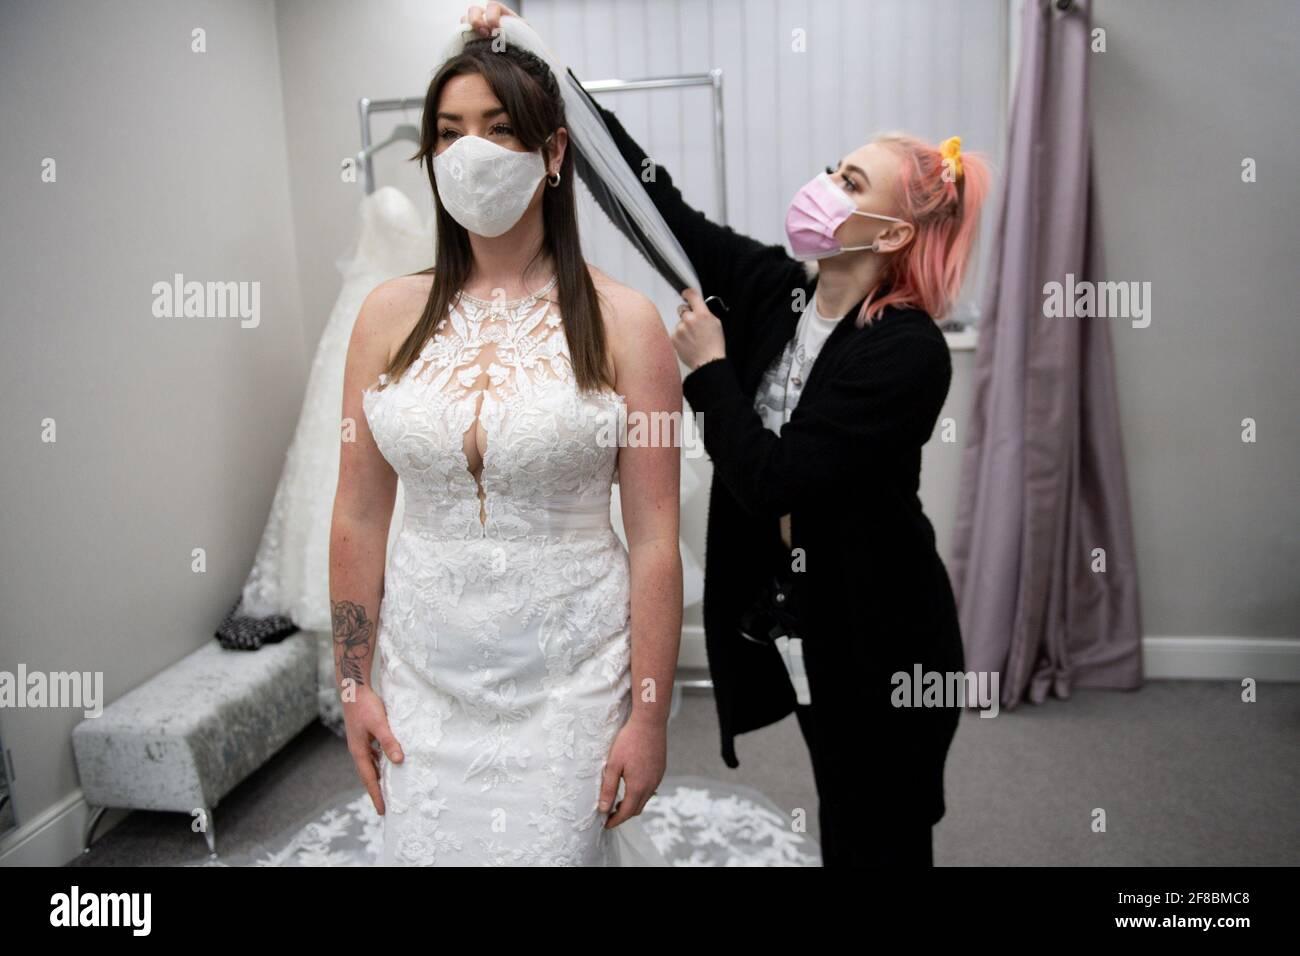 Mariée-à-être Erin Barwell tente sur des robes pour la première fois depuis que les détaillants non essentiels ont rouvert cette semaine. Erin, de Stoke-on-Trent, doit se marier en février prochain et a essayé des robes à la mariée de Roberta à Burslem, Stoke-on-Trent, suite à l'assouplissement supplémentaire des restrictions de verrouillage en Angleterre. Date de la photo: Mardi 13 avril 2021. Banque D'Images